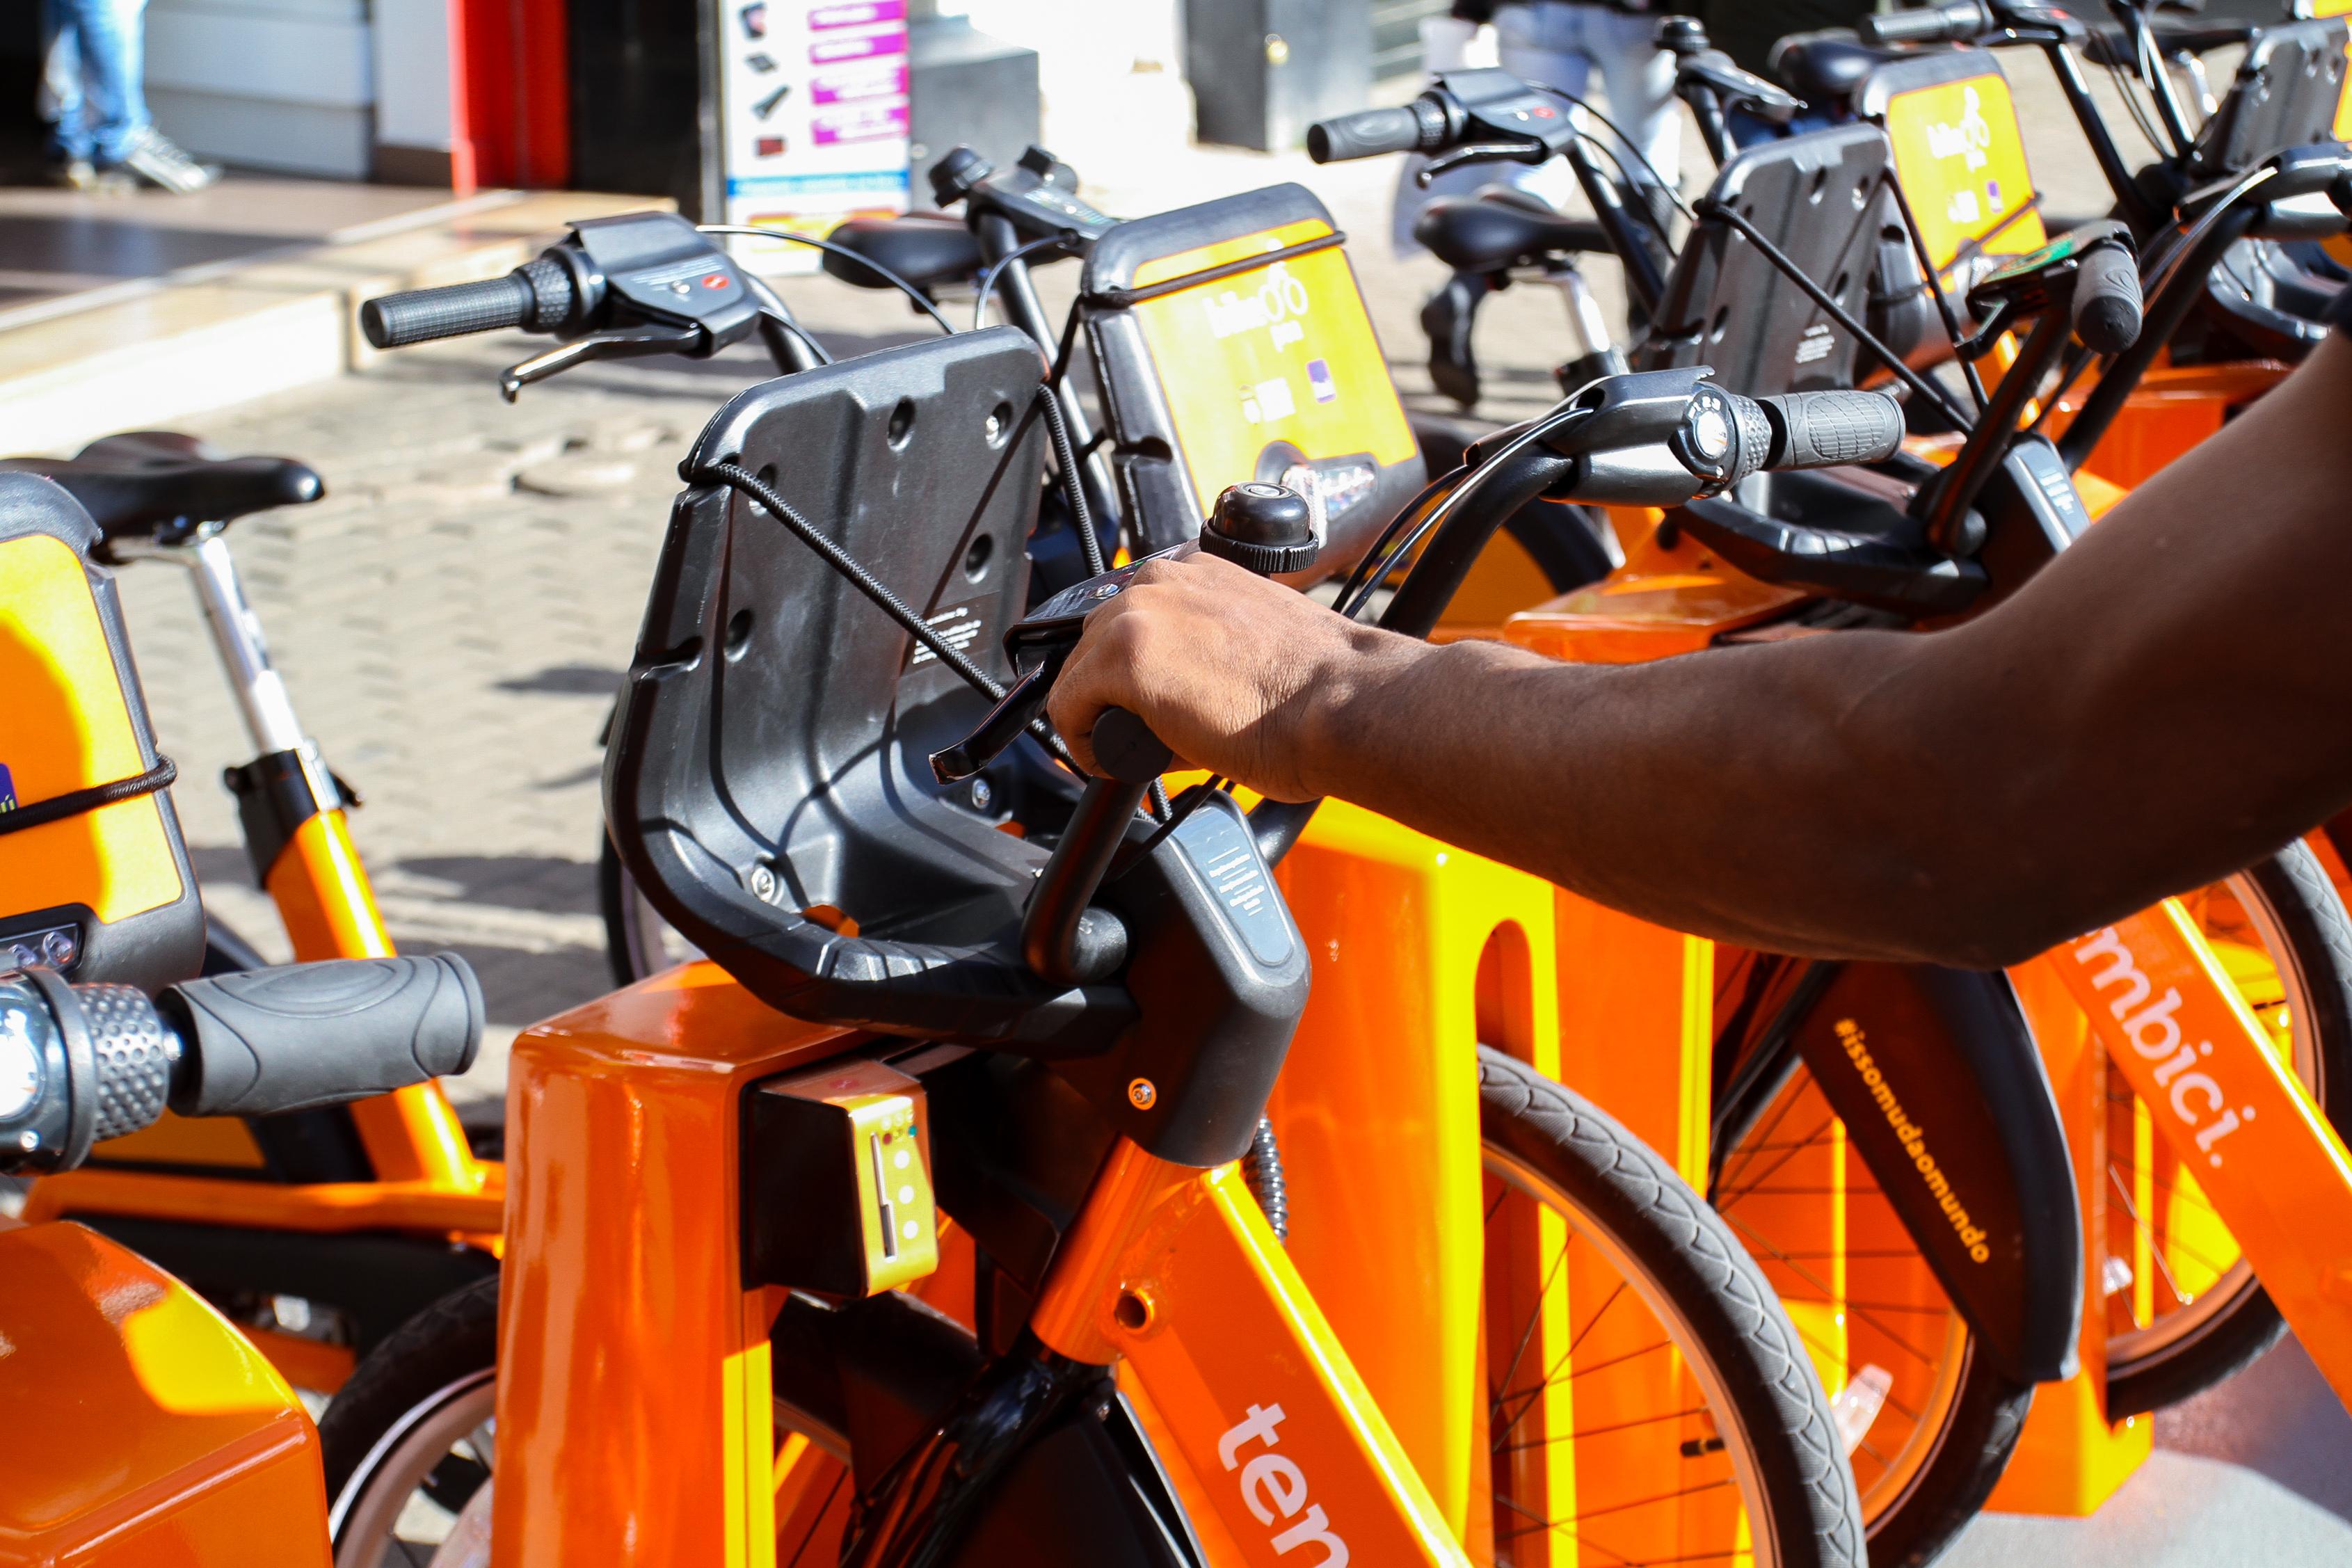 Estação de bicicletas Bike POA